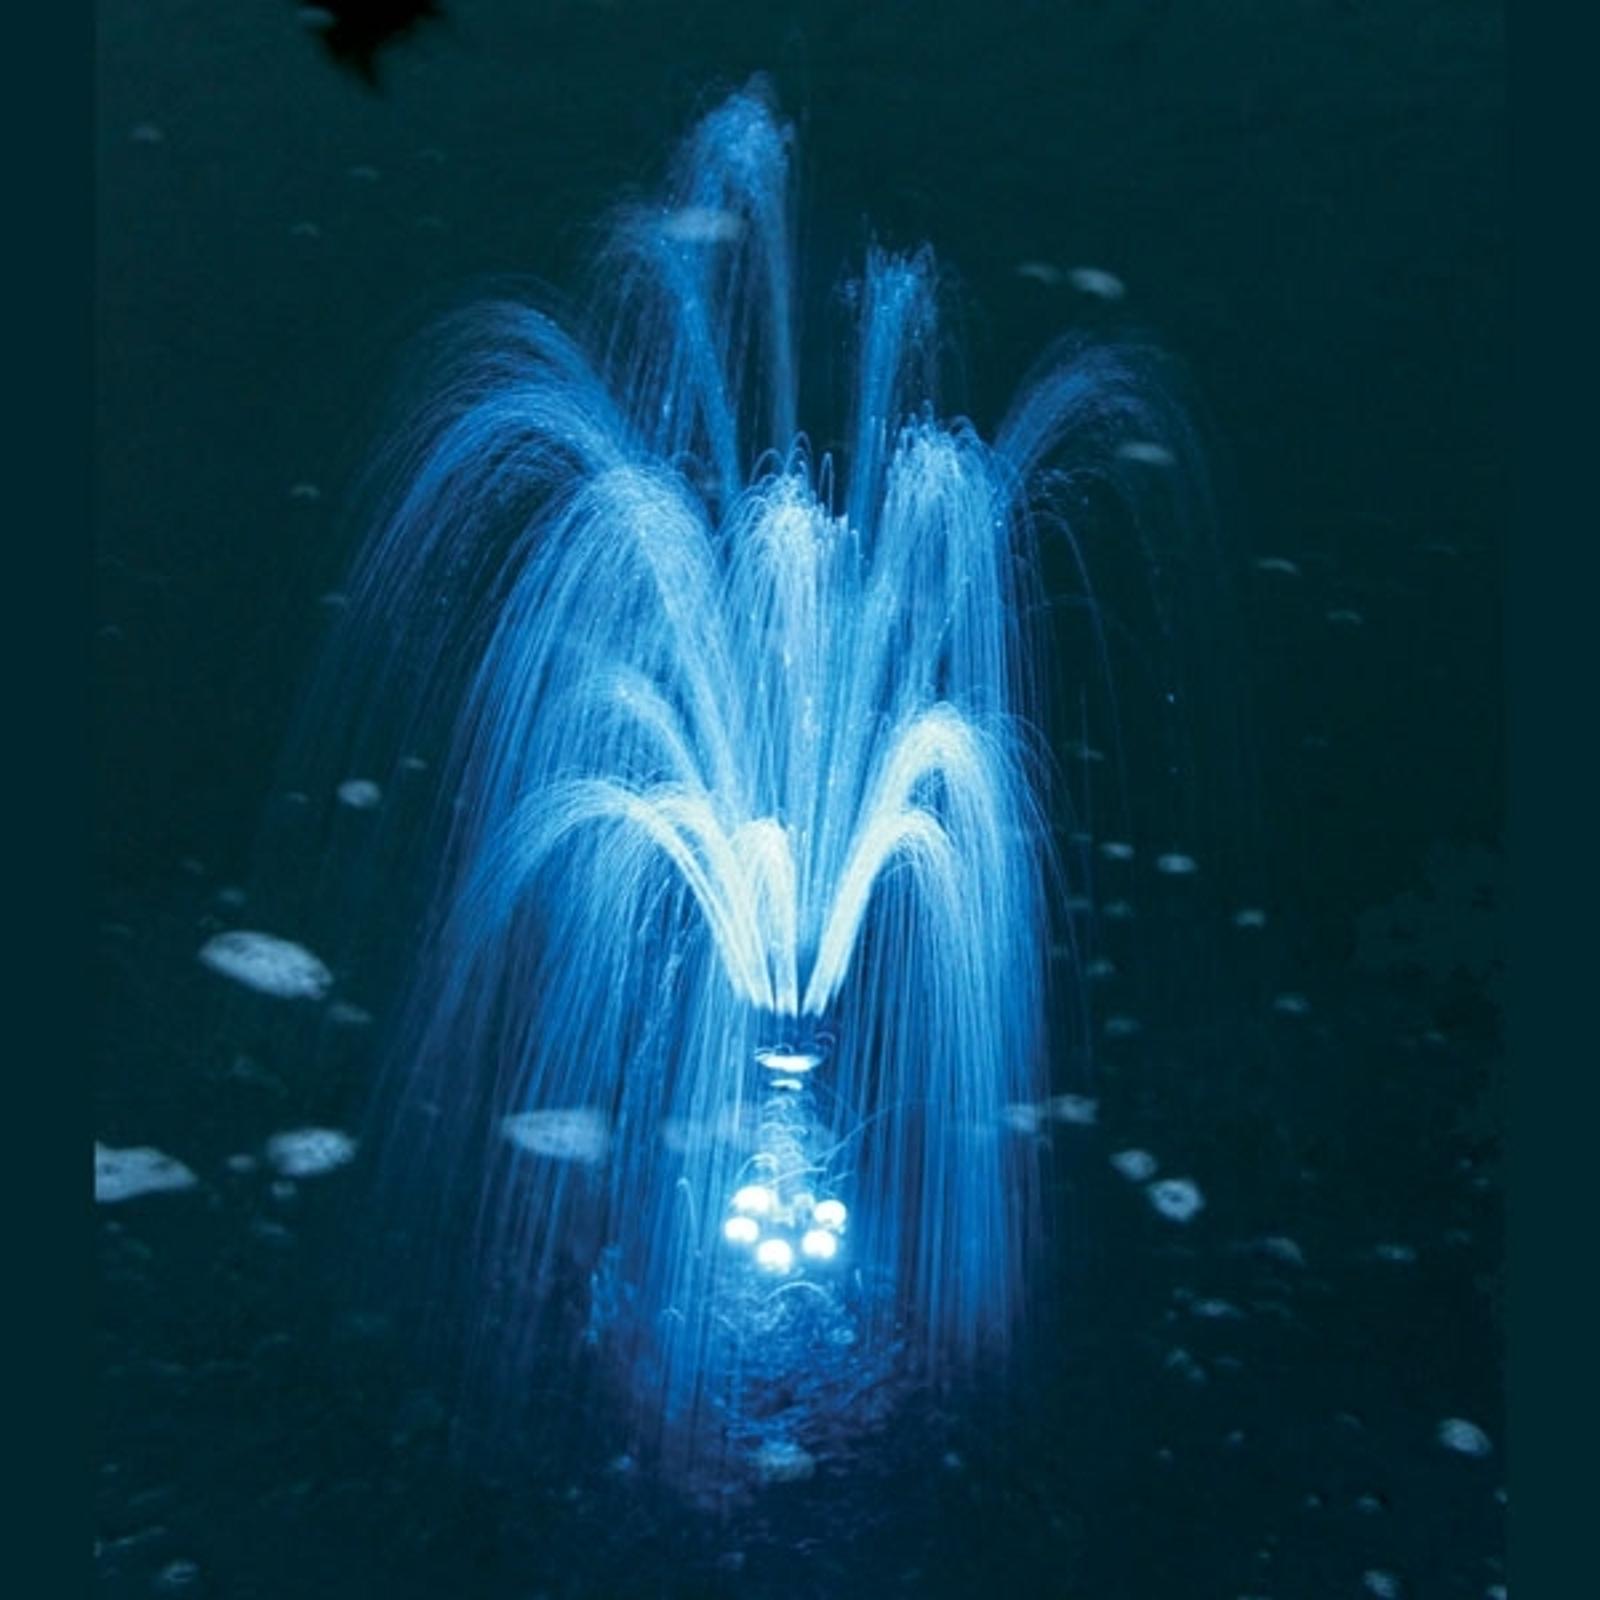 LED-lichtring voor vijverpompen Napoli/Siena blauw